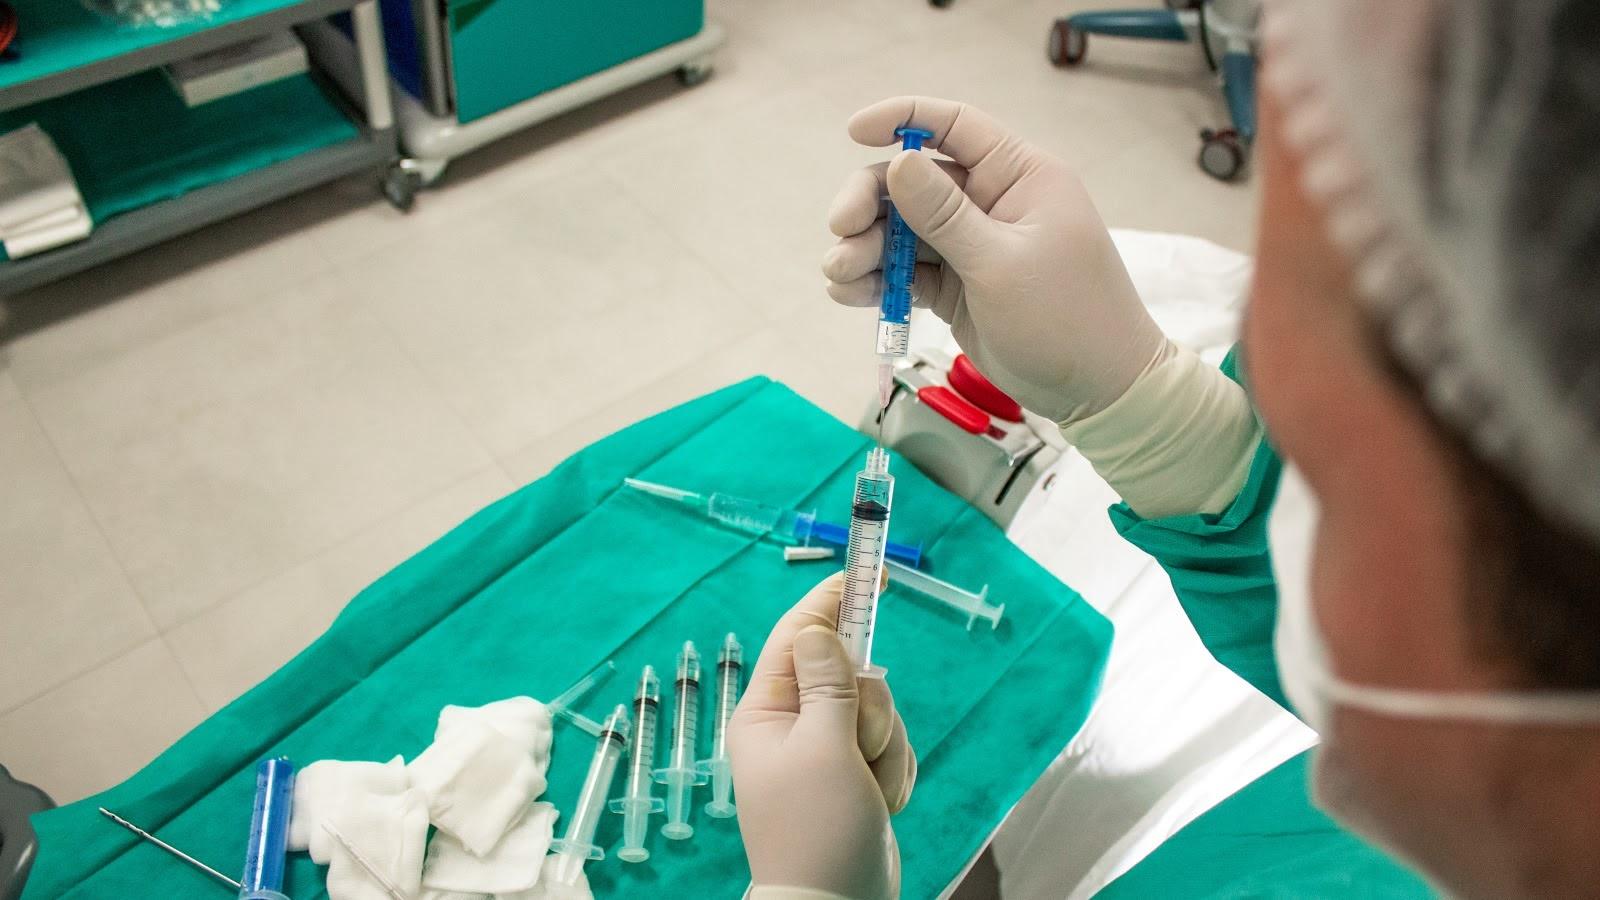 Detoksikacija u medicinskoj ustanovi.